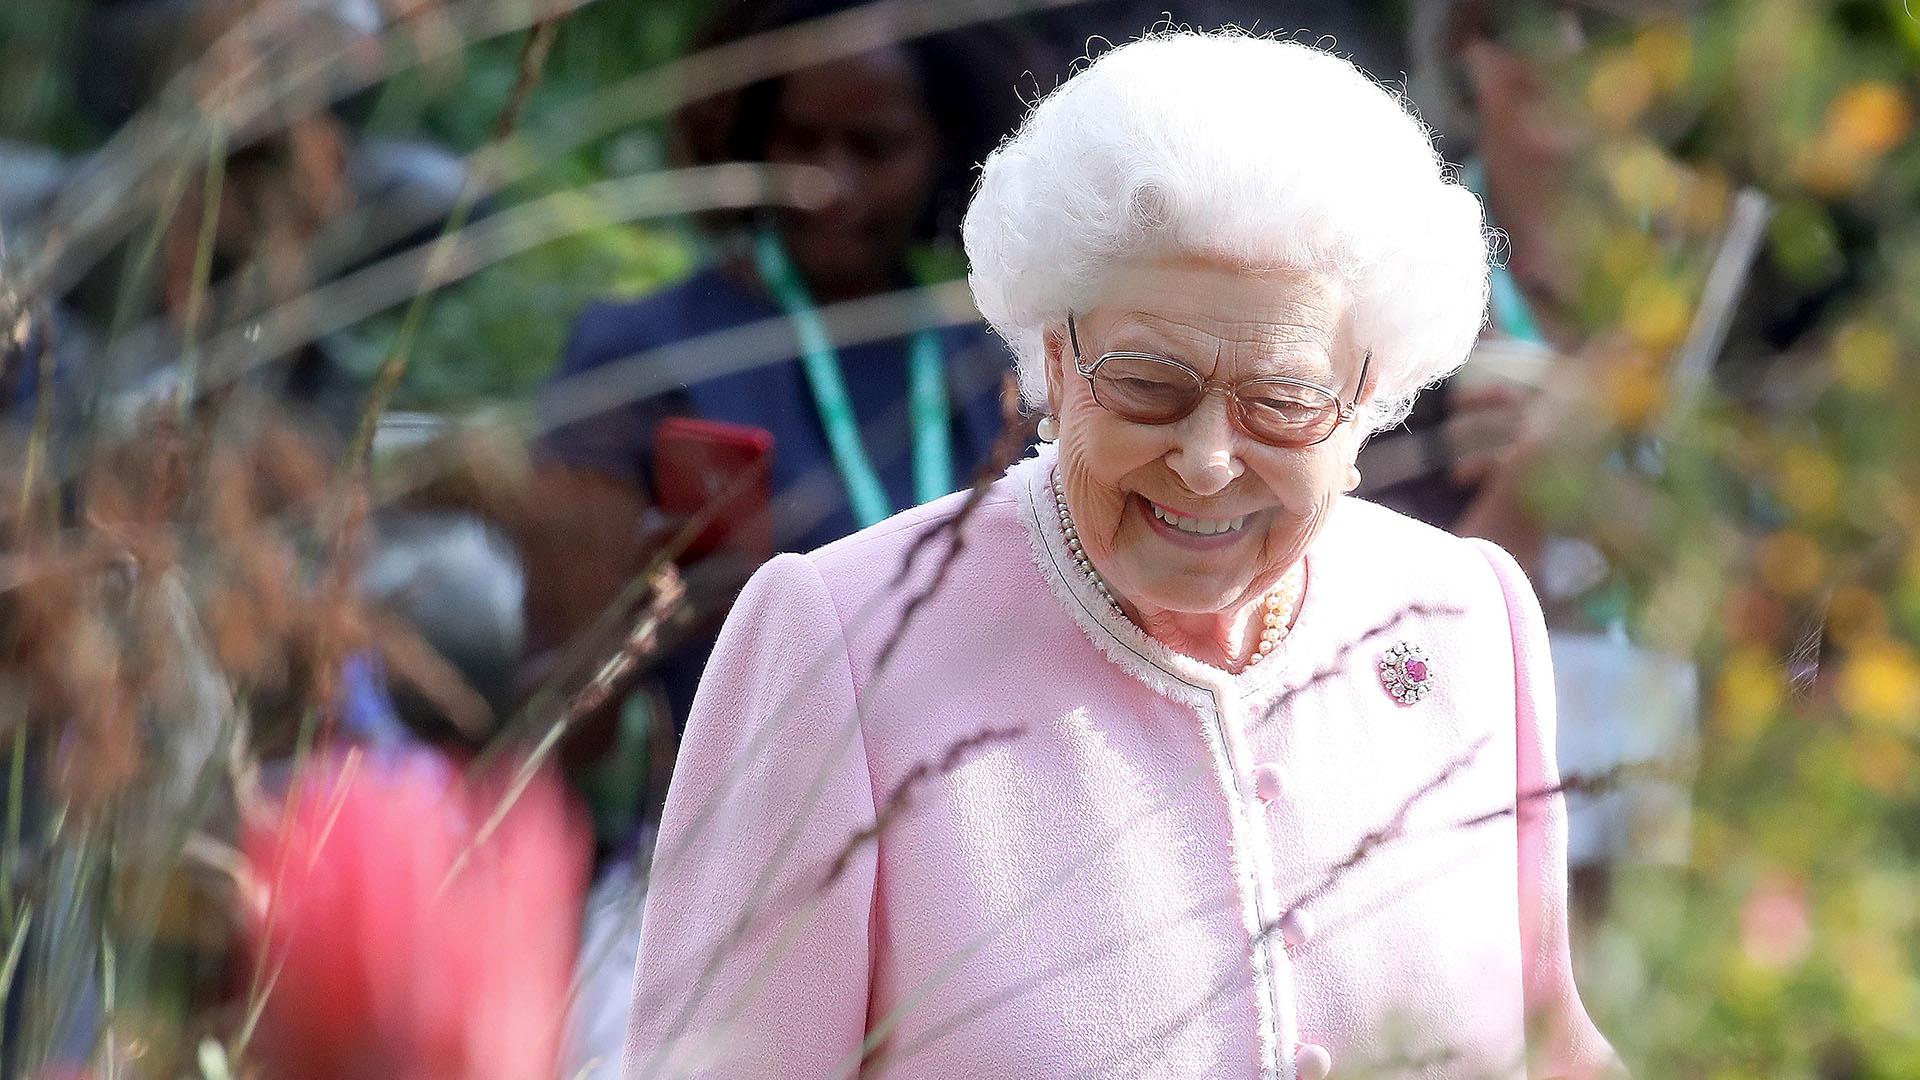 La reina Isabel II a su llegada al Chelsea Flower Show, un gran evento que se realiza anualmente en el Hospital Real de Chelsea y que está considerado la mayor exposición floral del mundo